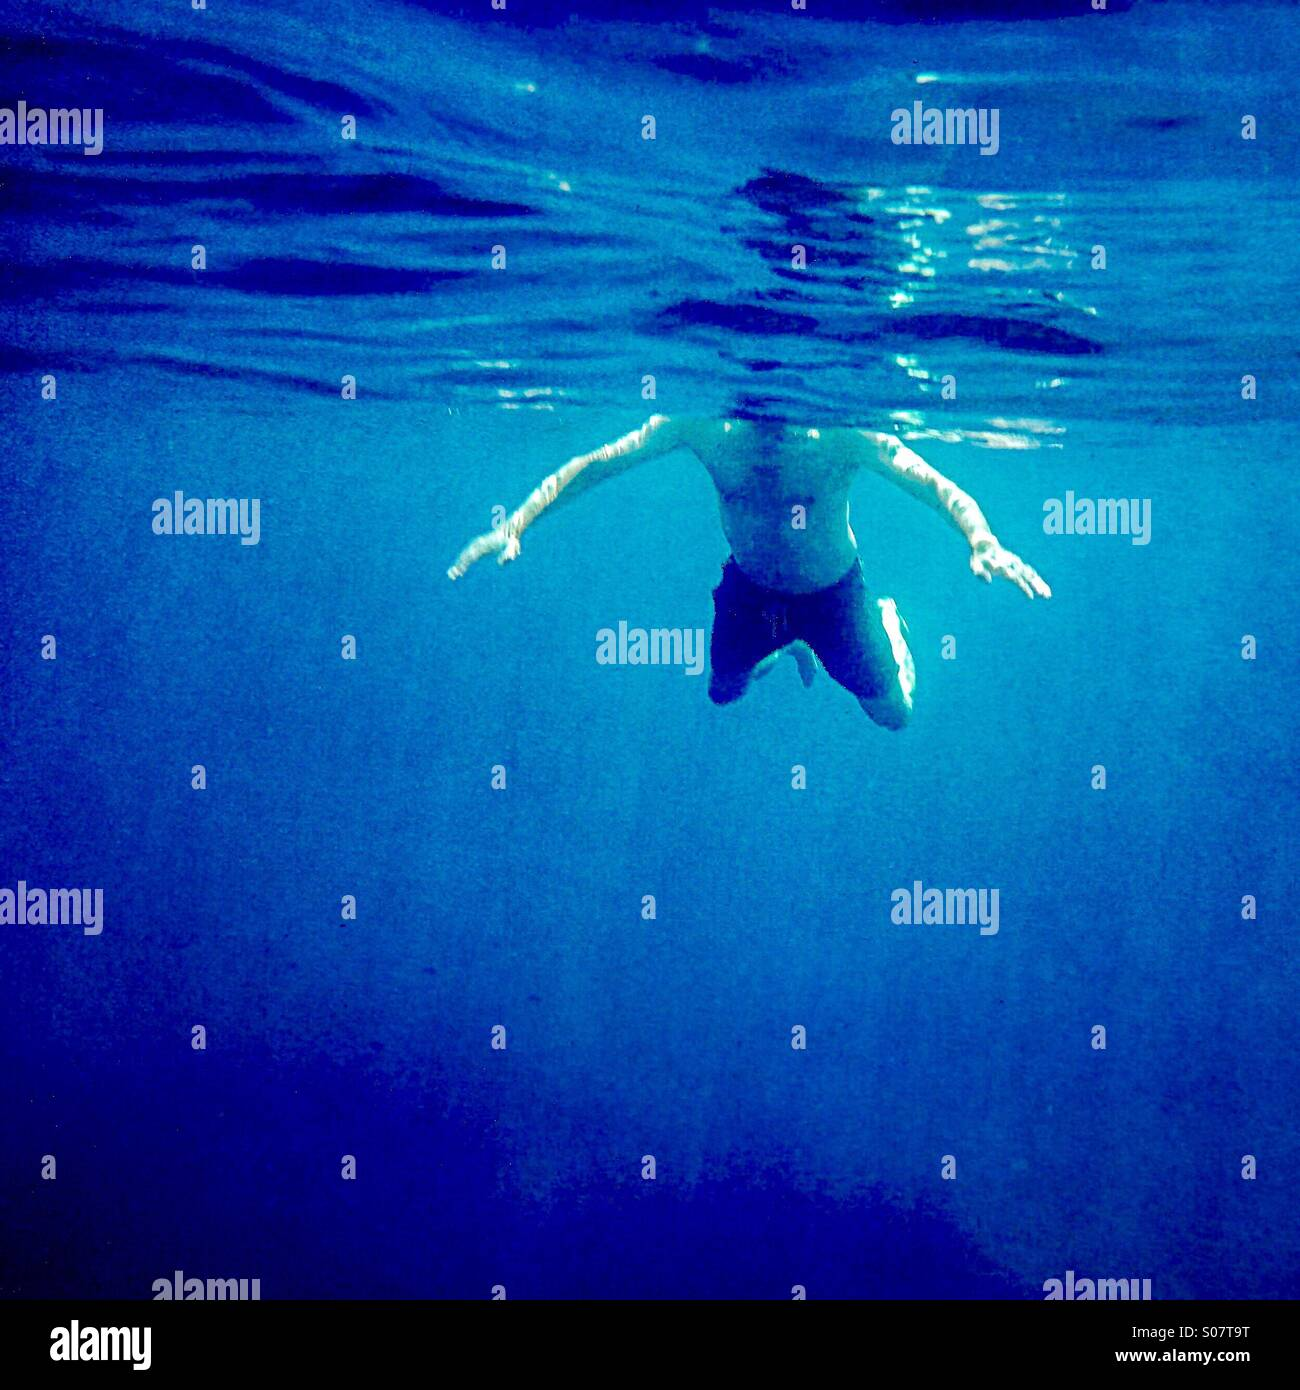 Attaque de requin! Un homme natation vue sous l'eau Photo Stock